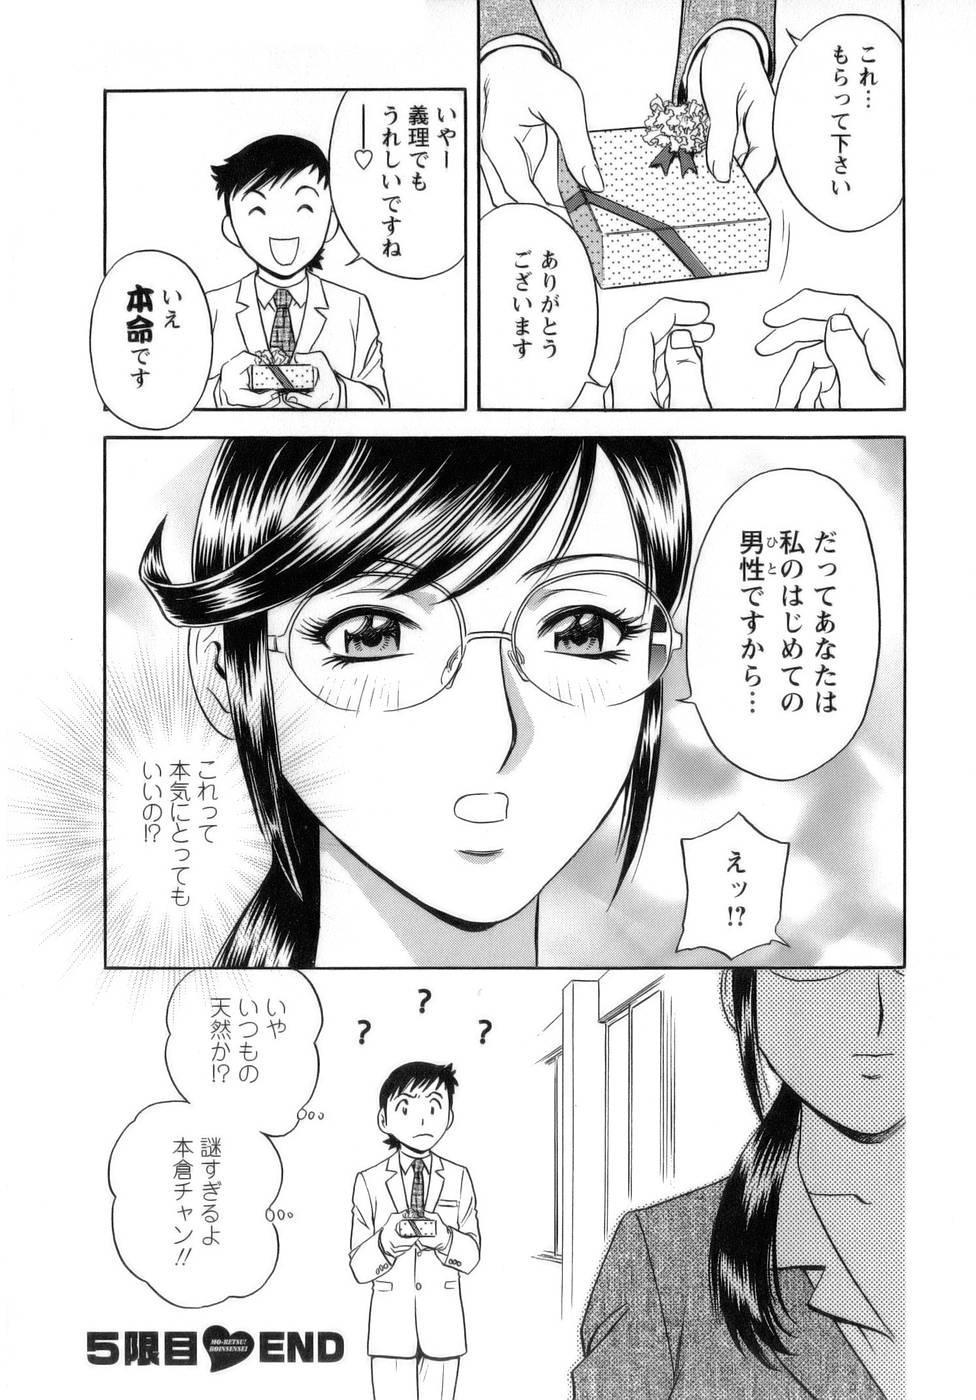 [Hidemaru] Mo-Retsu! Boin Sensei (Boing Boing Teacher) Vol.1 111